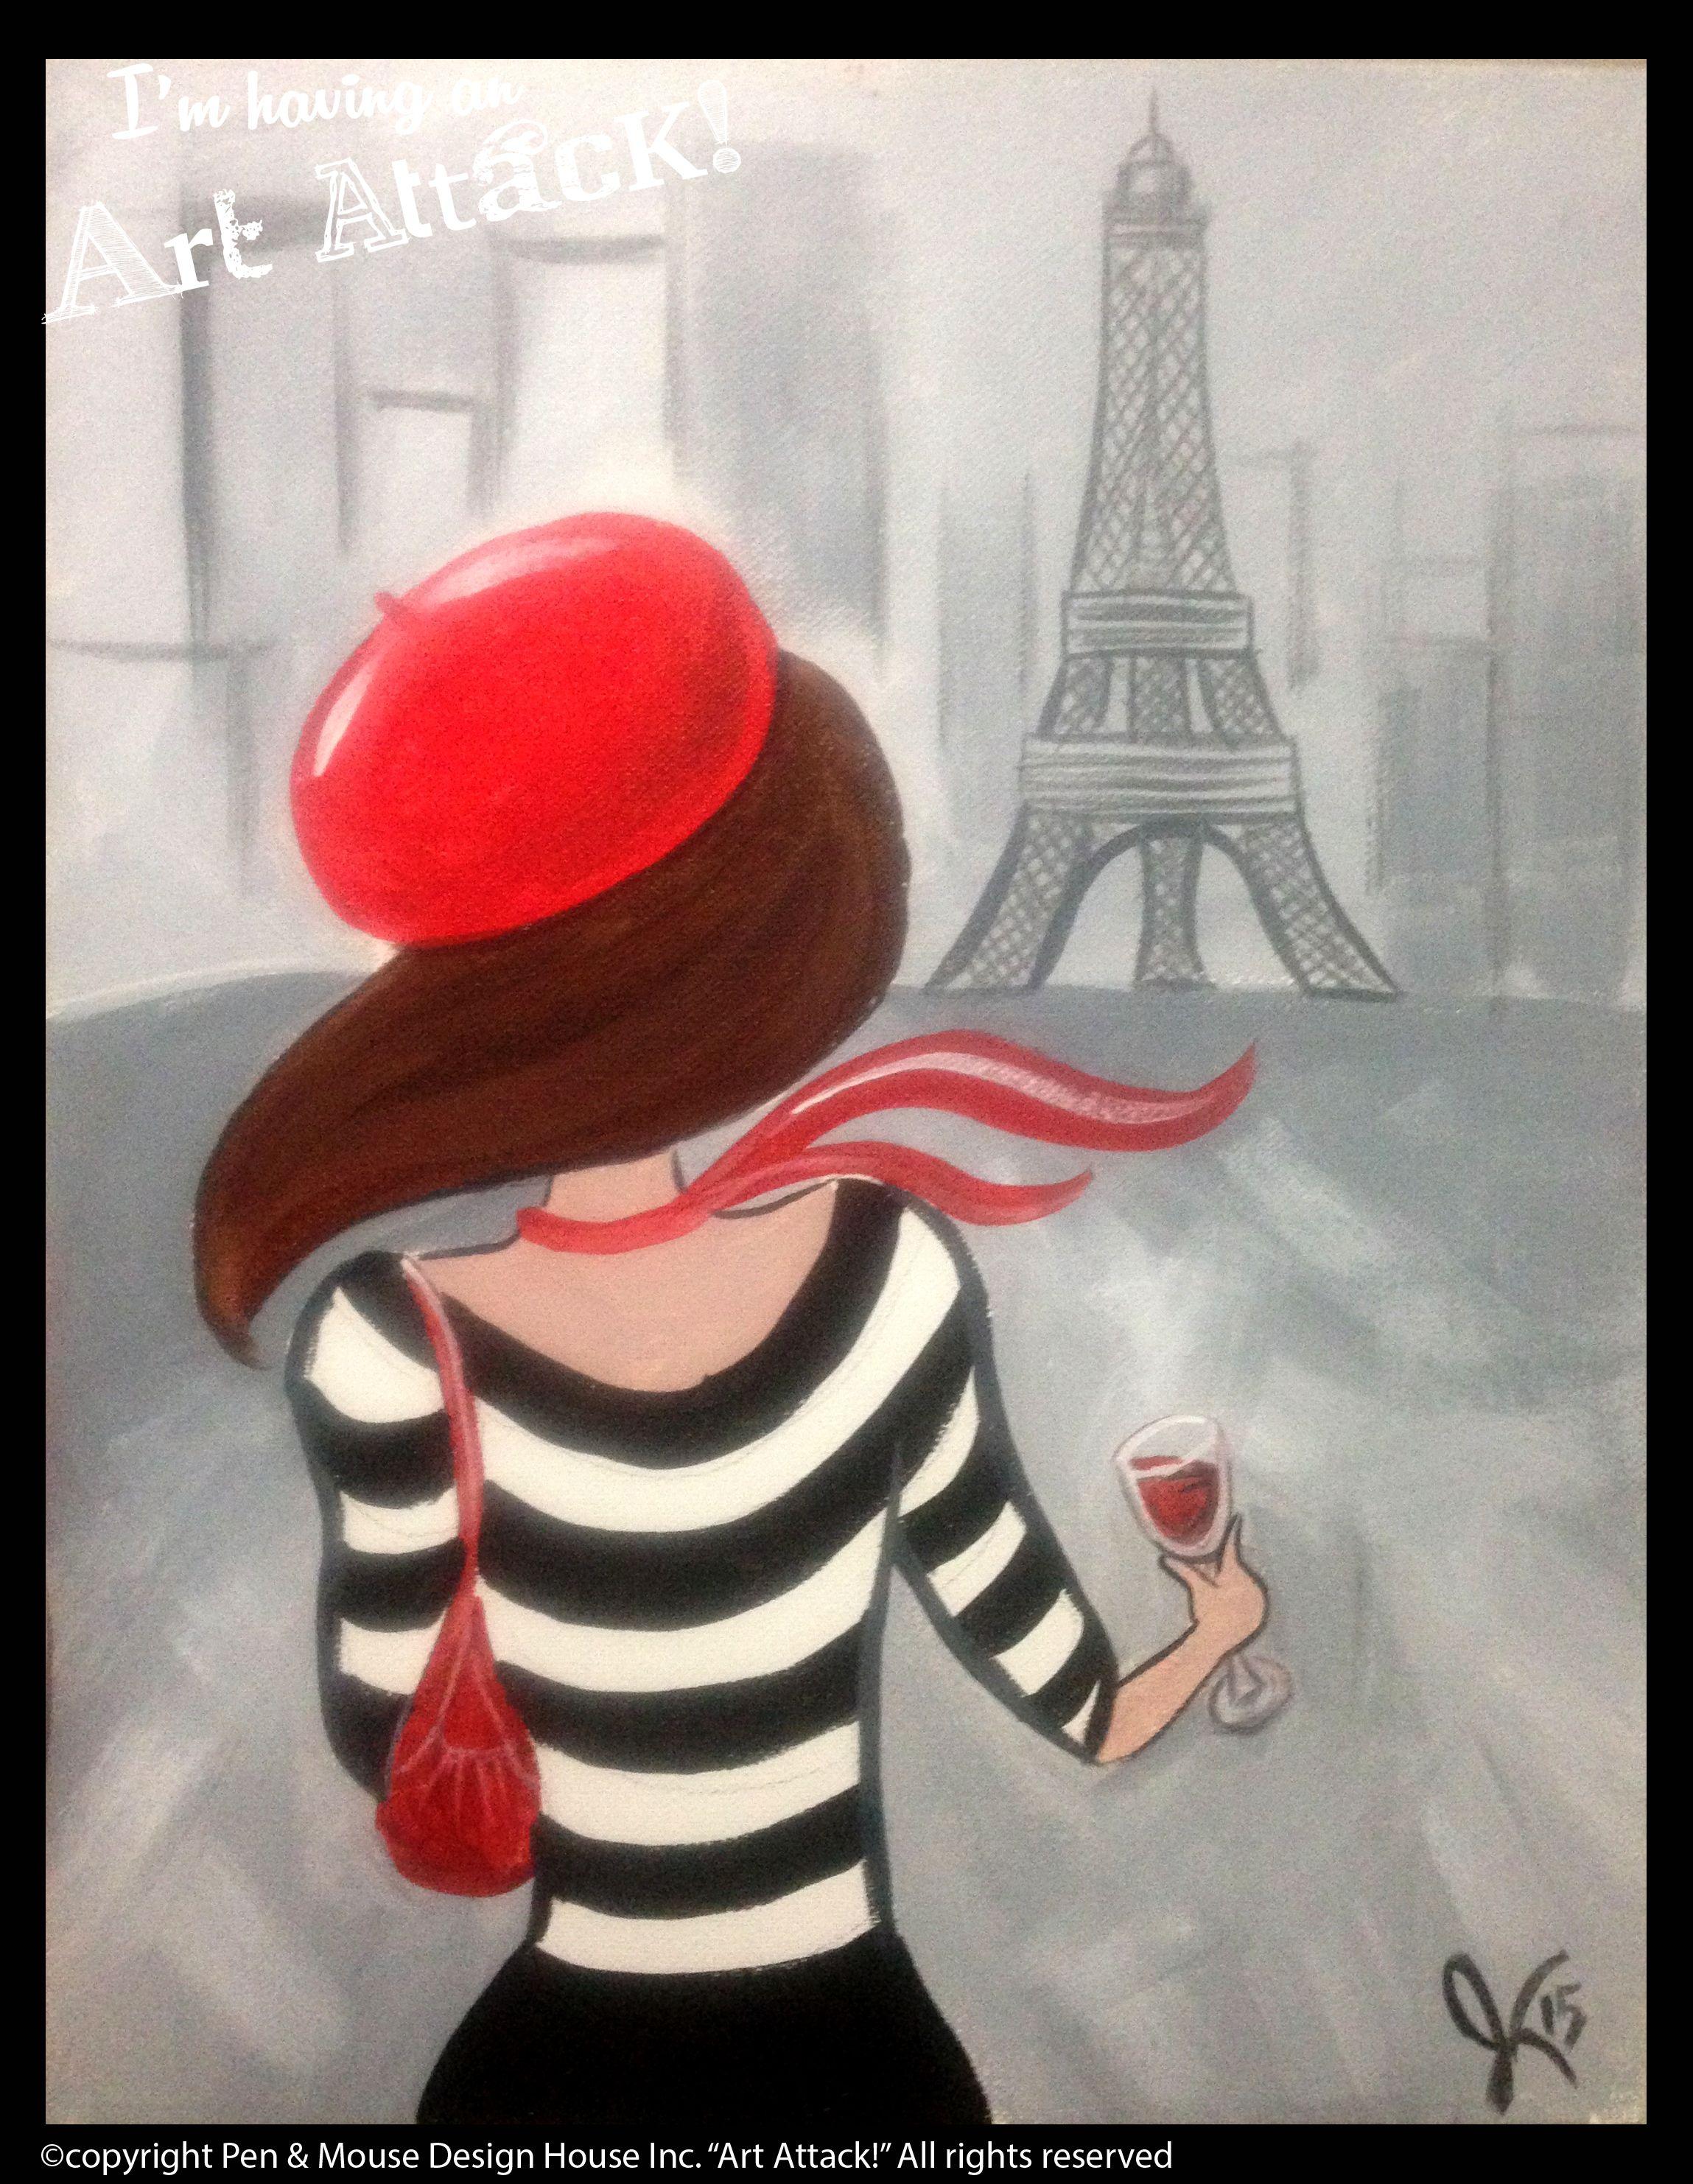 Amelie In Paris I M Having An Art Attack Social Painting Parties Www Artattackpaintparty Com Original Artwor Art Paint Party Paris Artwork Paris Painting